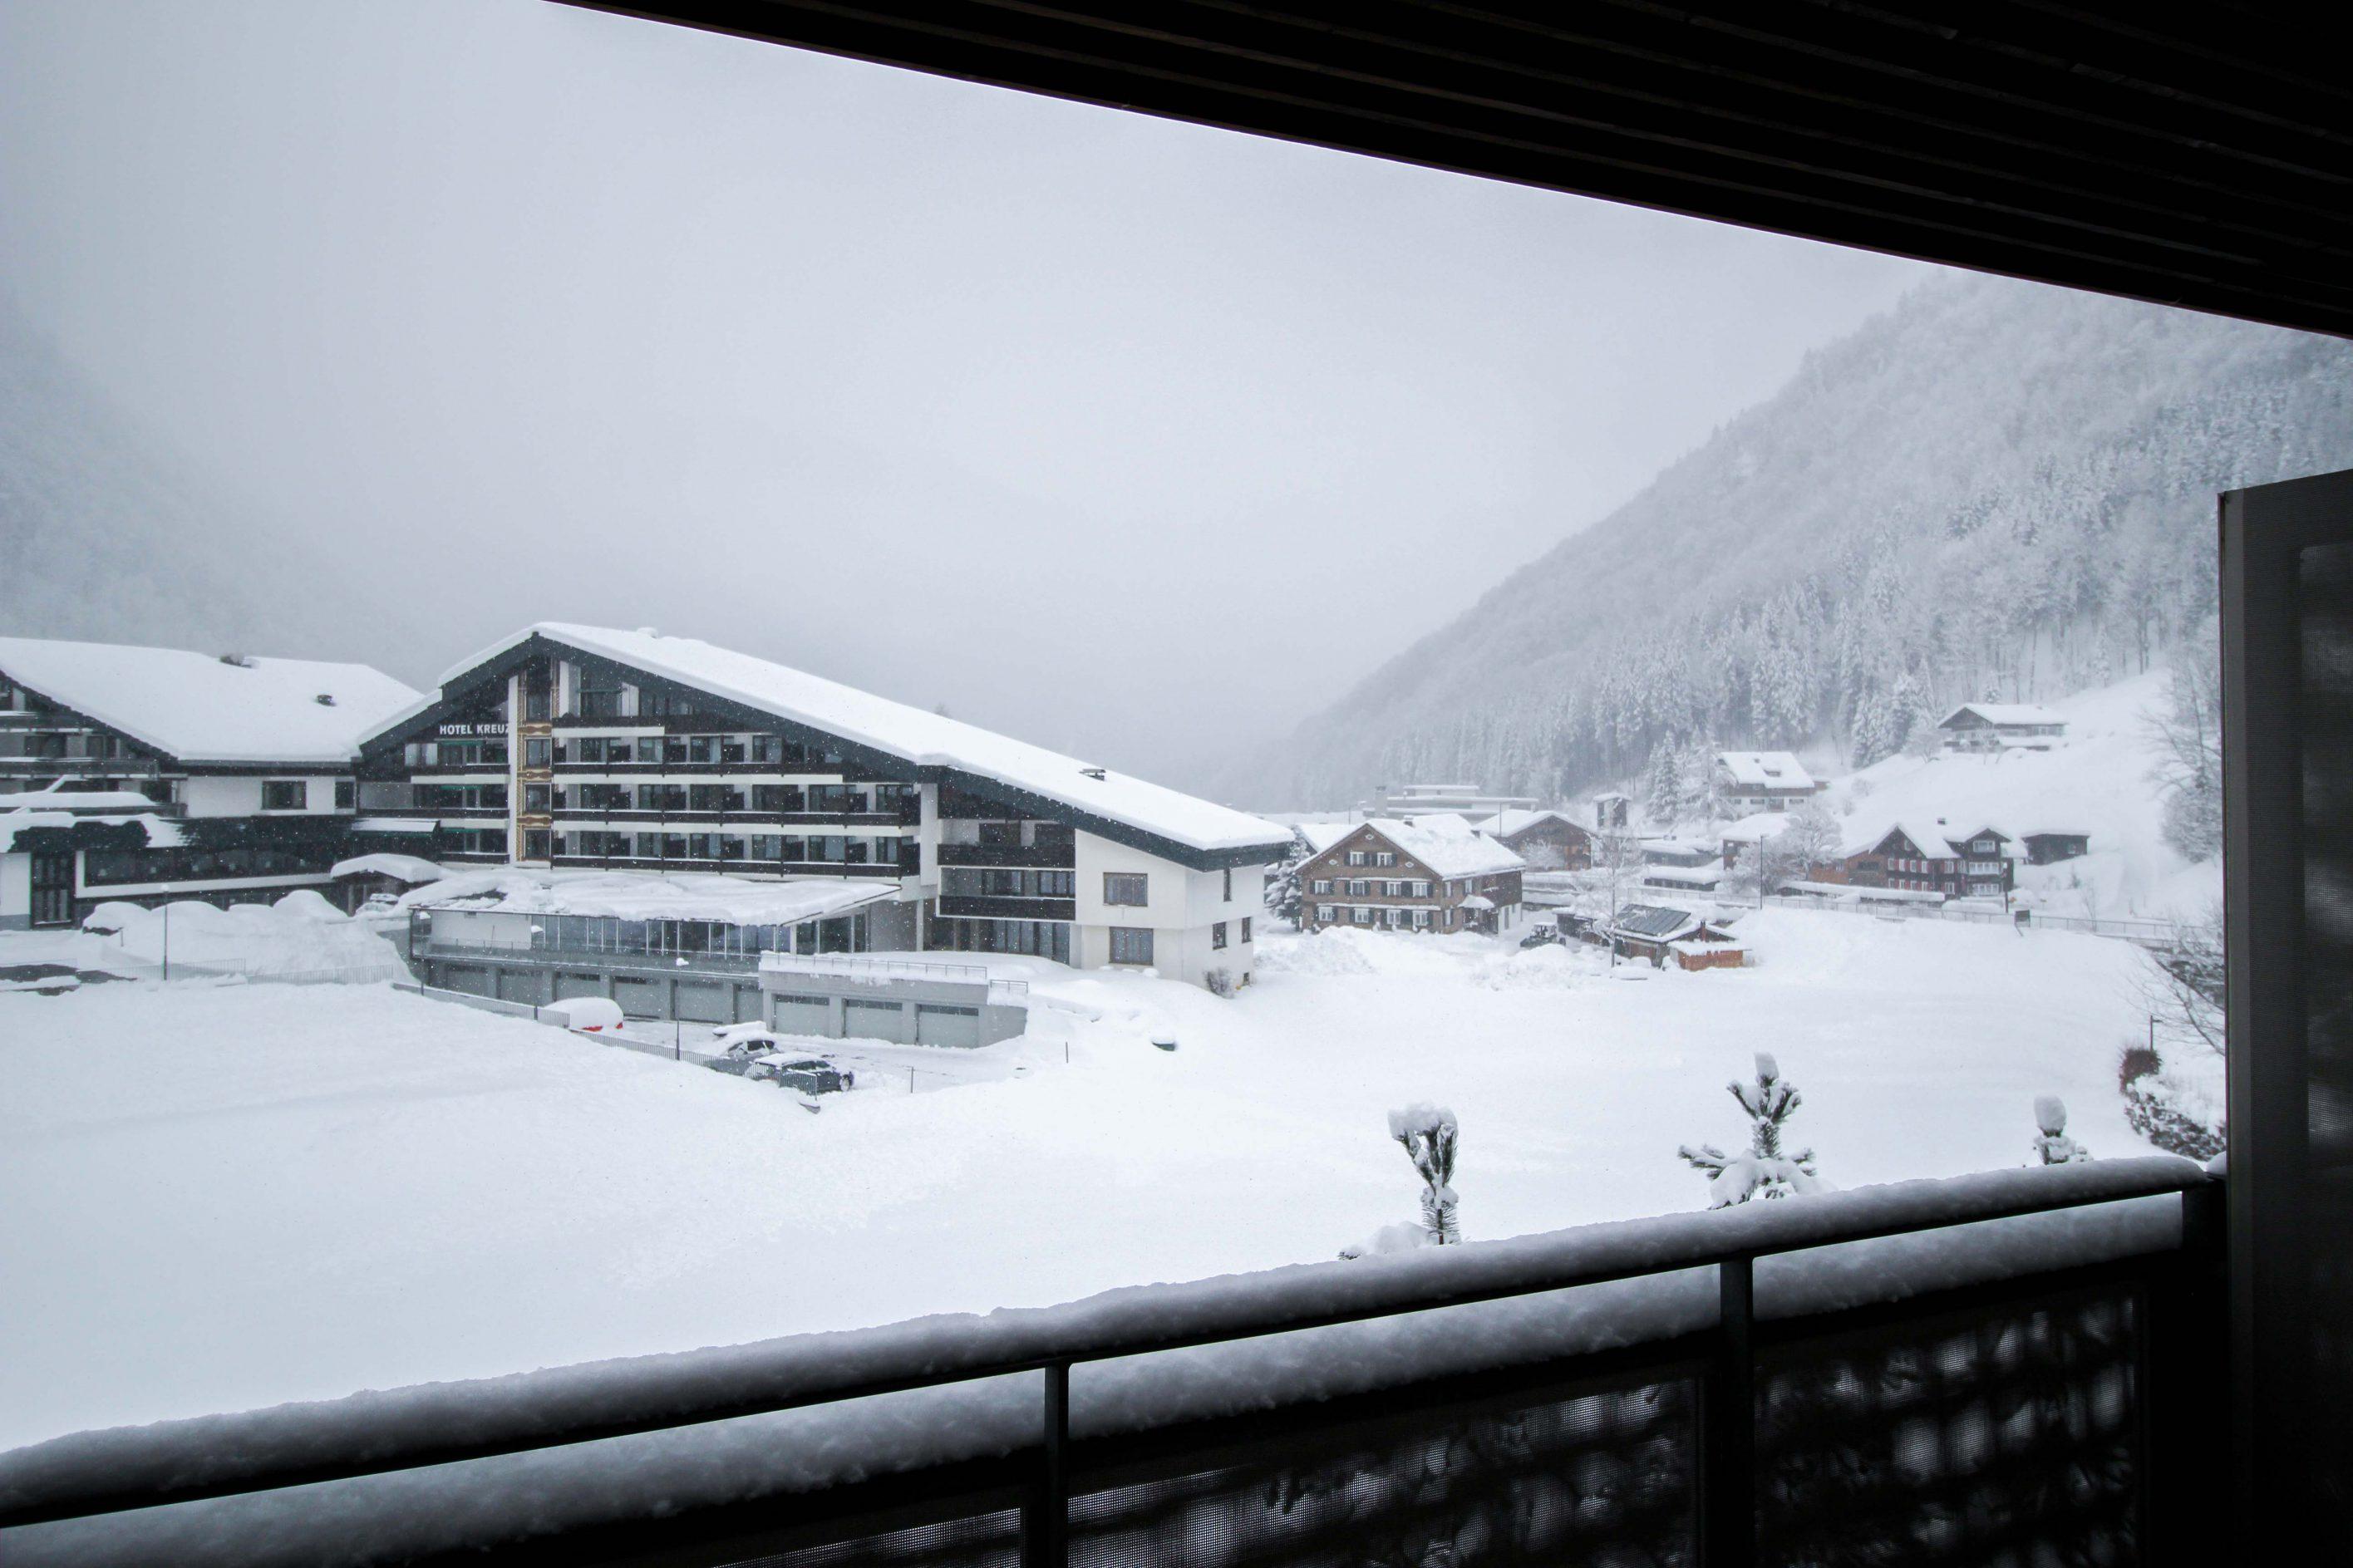 Wellnesswochenende Österreich Sonne Lifestyle Resort Mellau Wellnesshotel Bregenzerwald Superior Zimmer Balkon Aussicht Winterlandschaft Berge Reiseblog